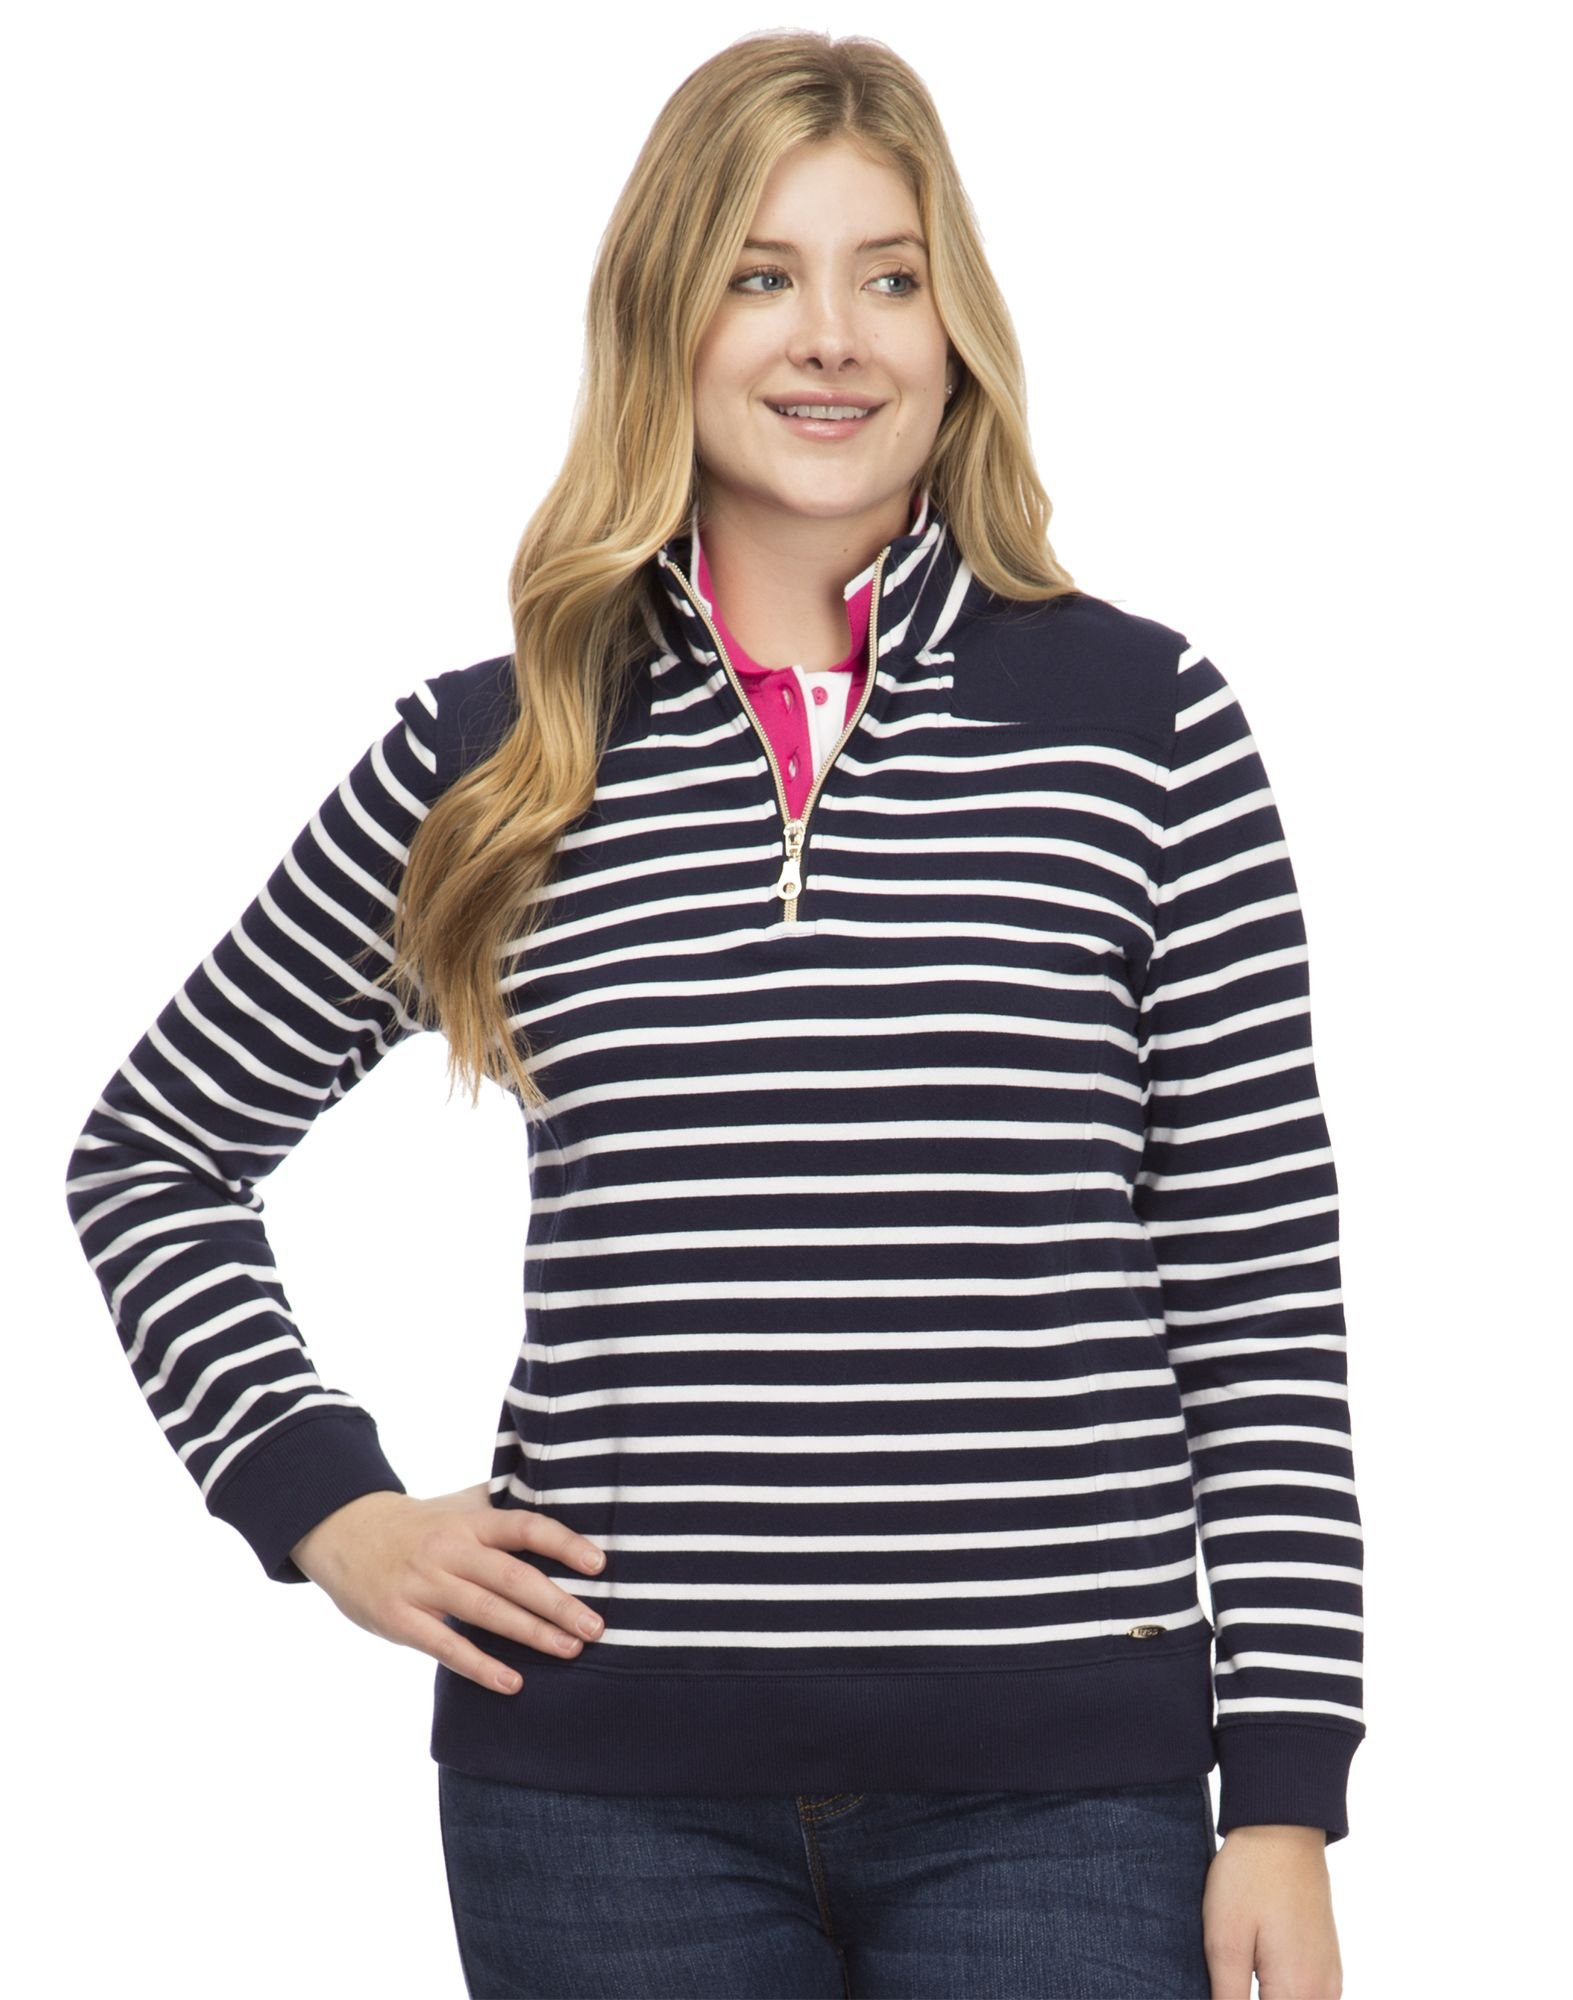 IZOD Women's French Terry 1/4 Zip Top, Peacoat Stripe, S